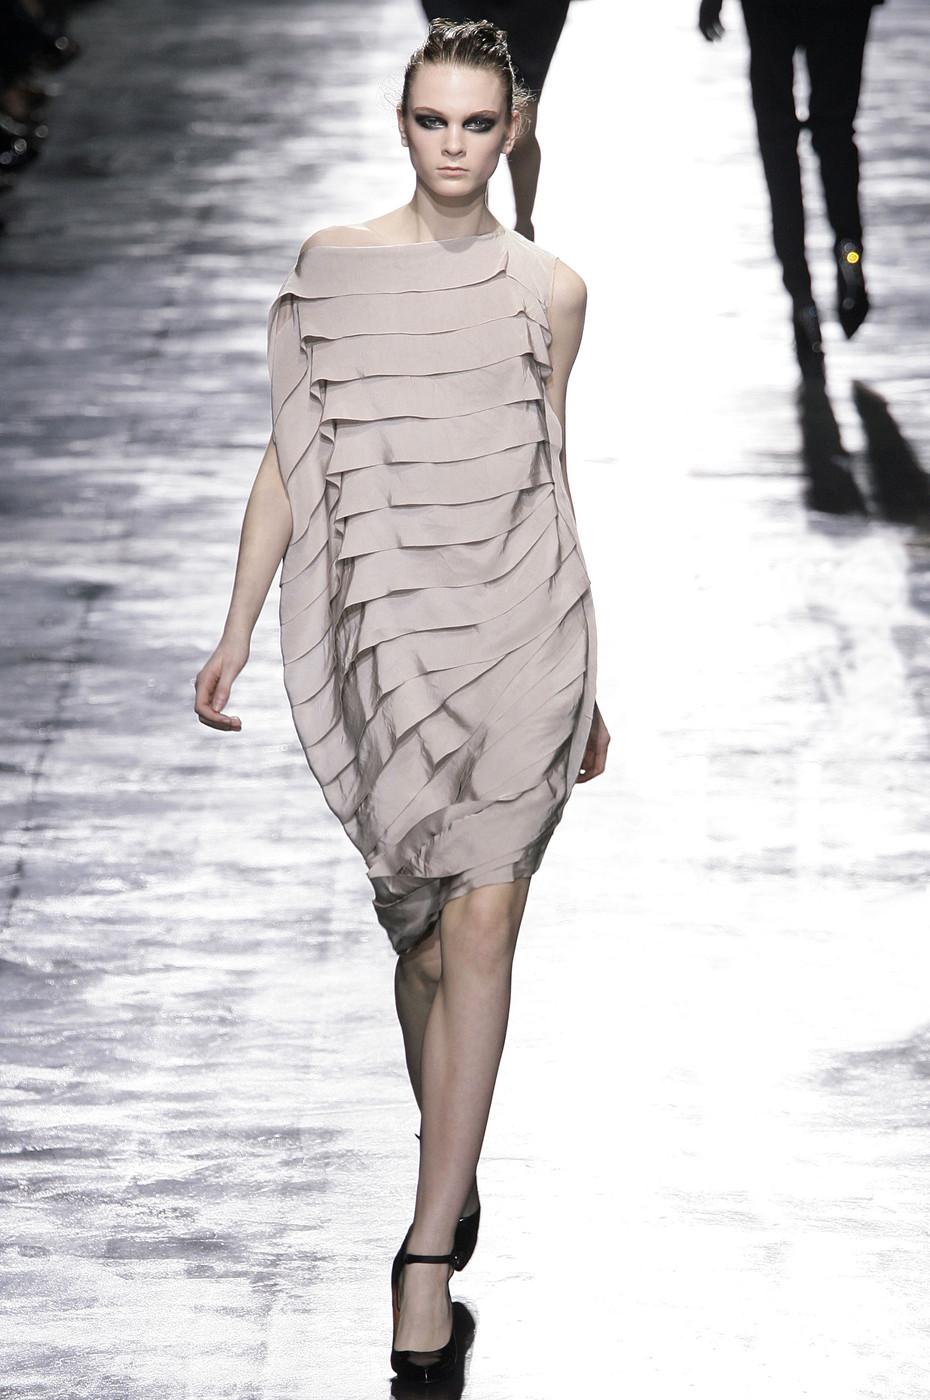 via fashioned by love | Lanvin Autumn/Winter 2009